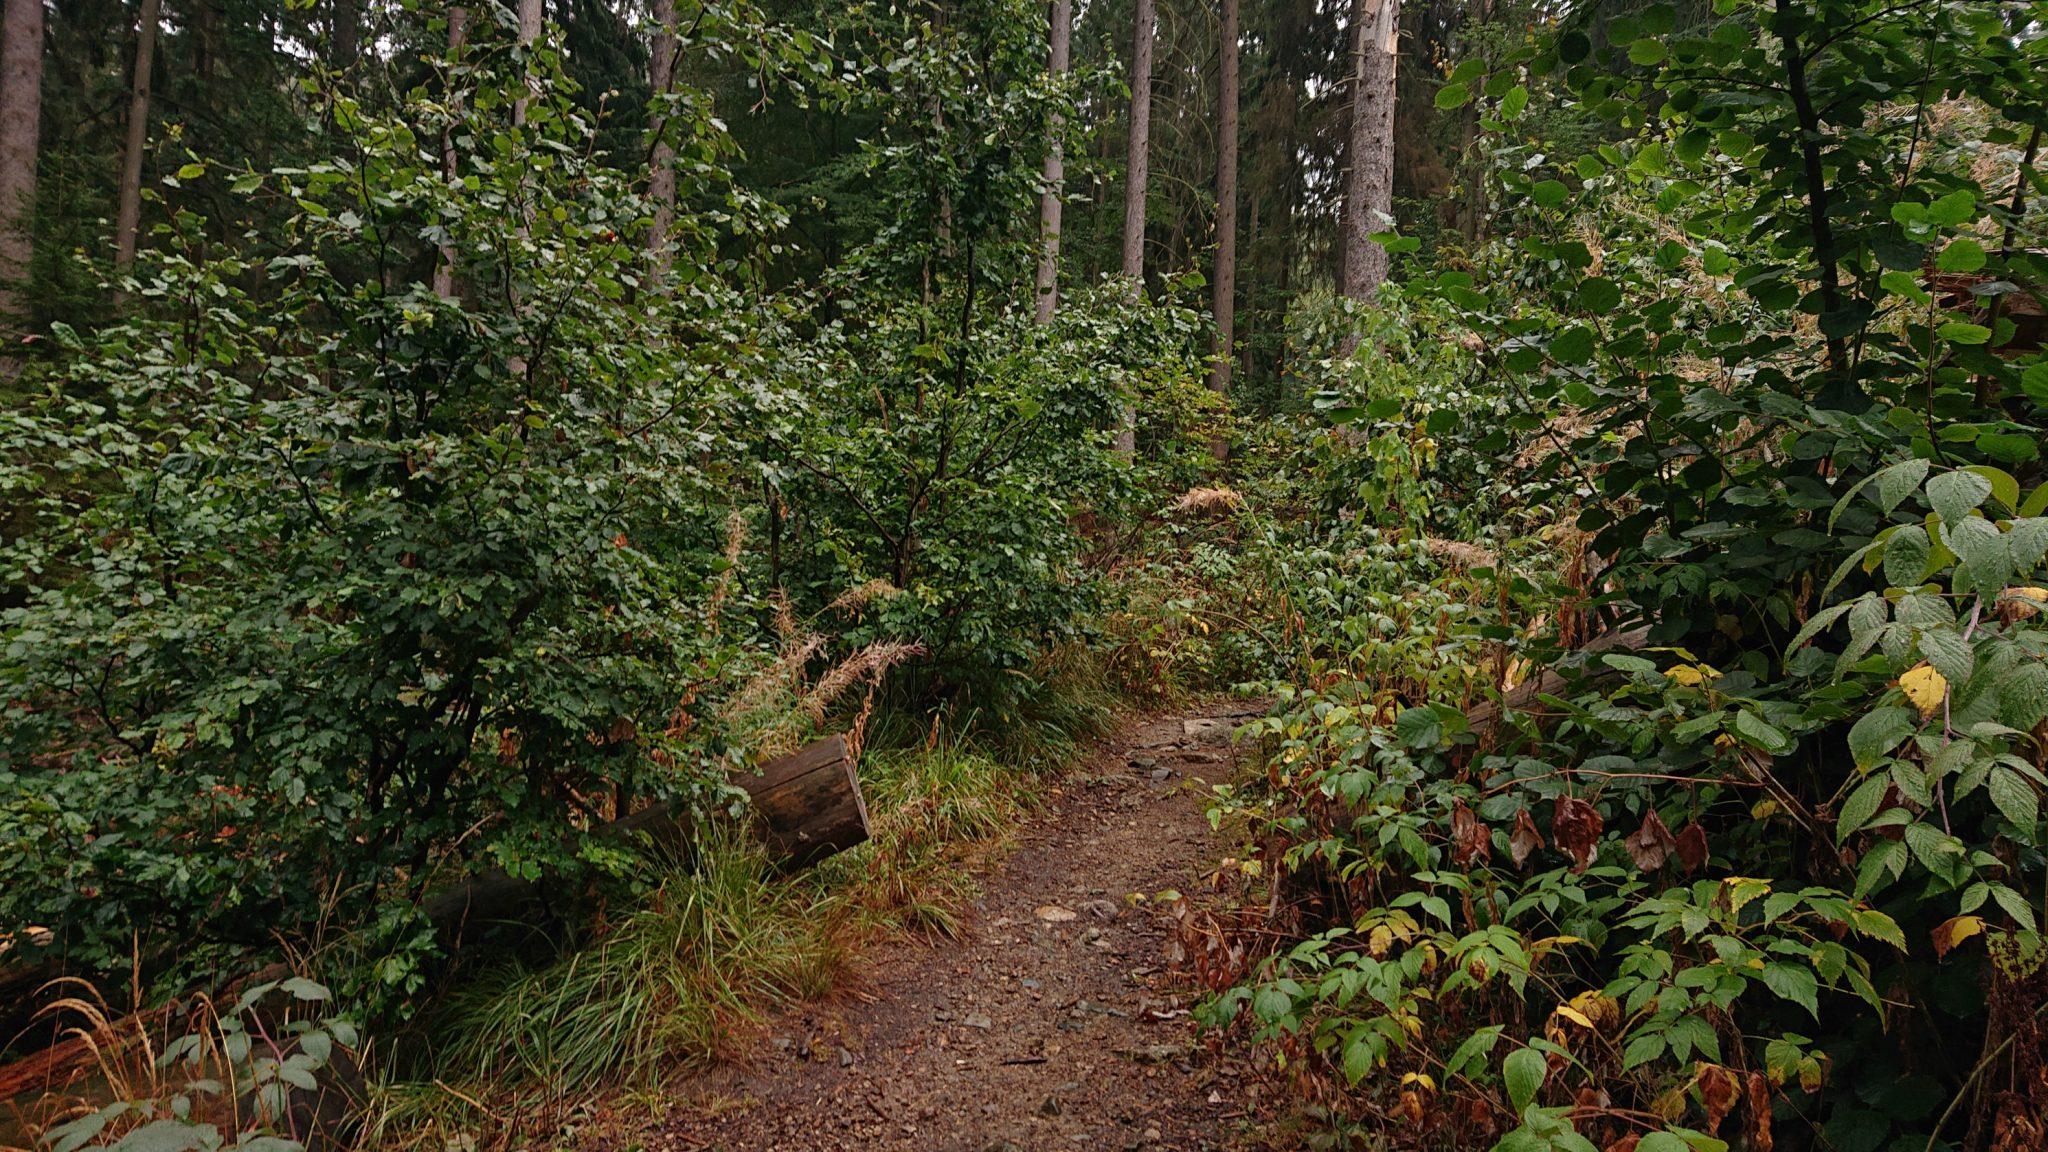 Wanderung Brocken über Heinrich-Heine-Weg Start in Ilsenburg, Nationalpark Harz, schöner Wanderweg im Wald, atmosphärisch, herrliche frische Luft, viele Laubbäume, schmaler Pfad